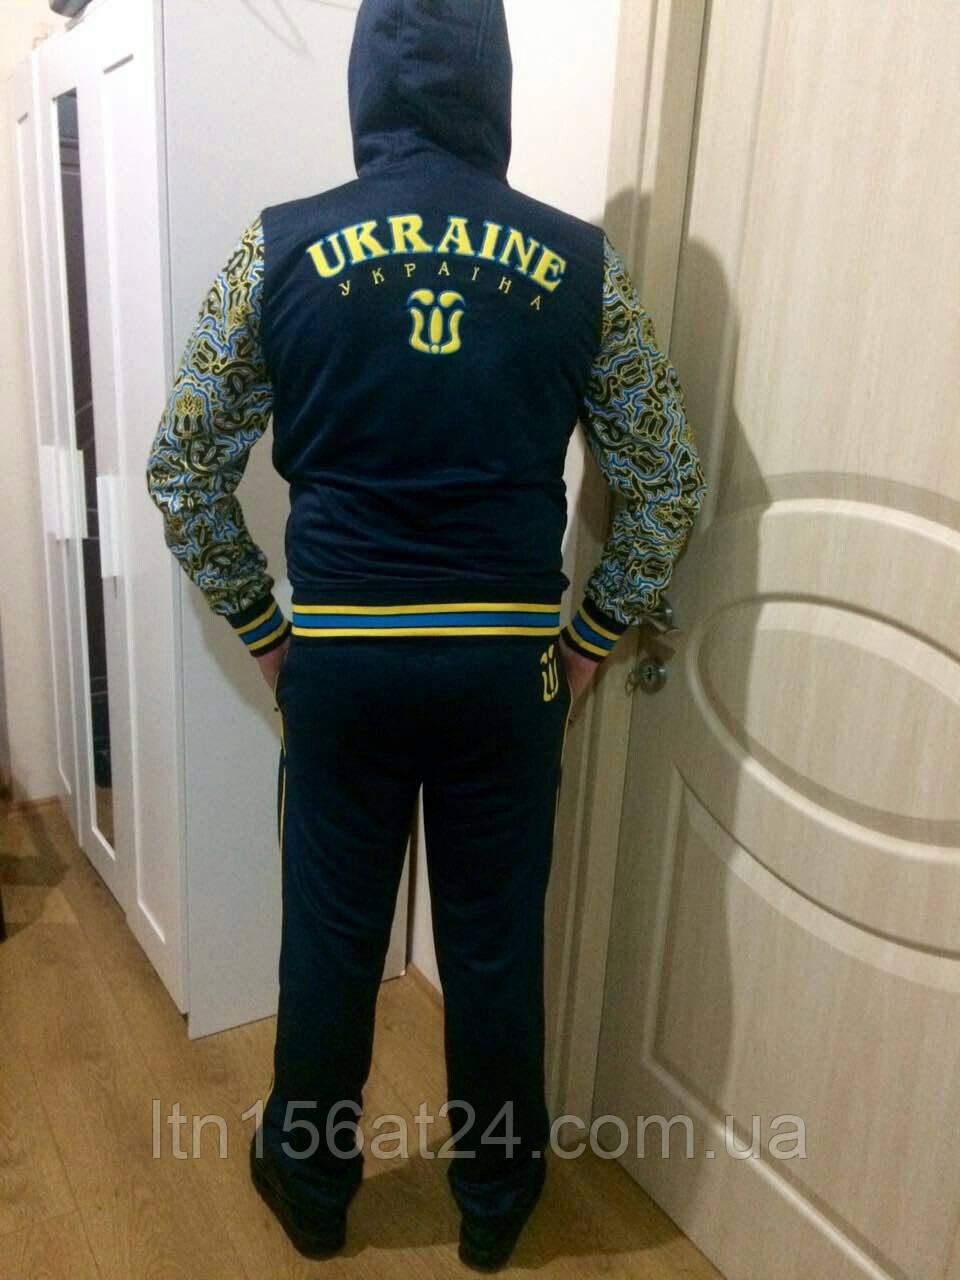 39f3fbac616d Олимпийский спортивный костюм Bosco Sport Украина - NEWLCD (LCD Экраны) тел.  +380672409835